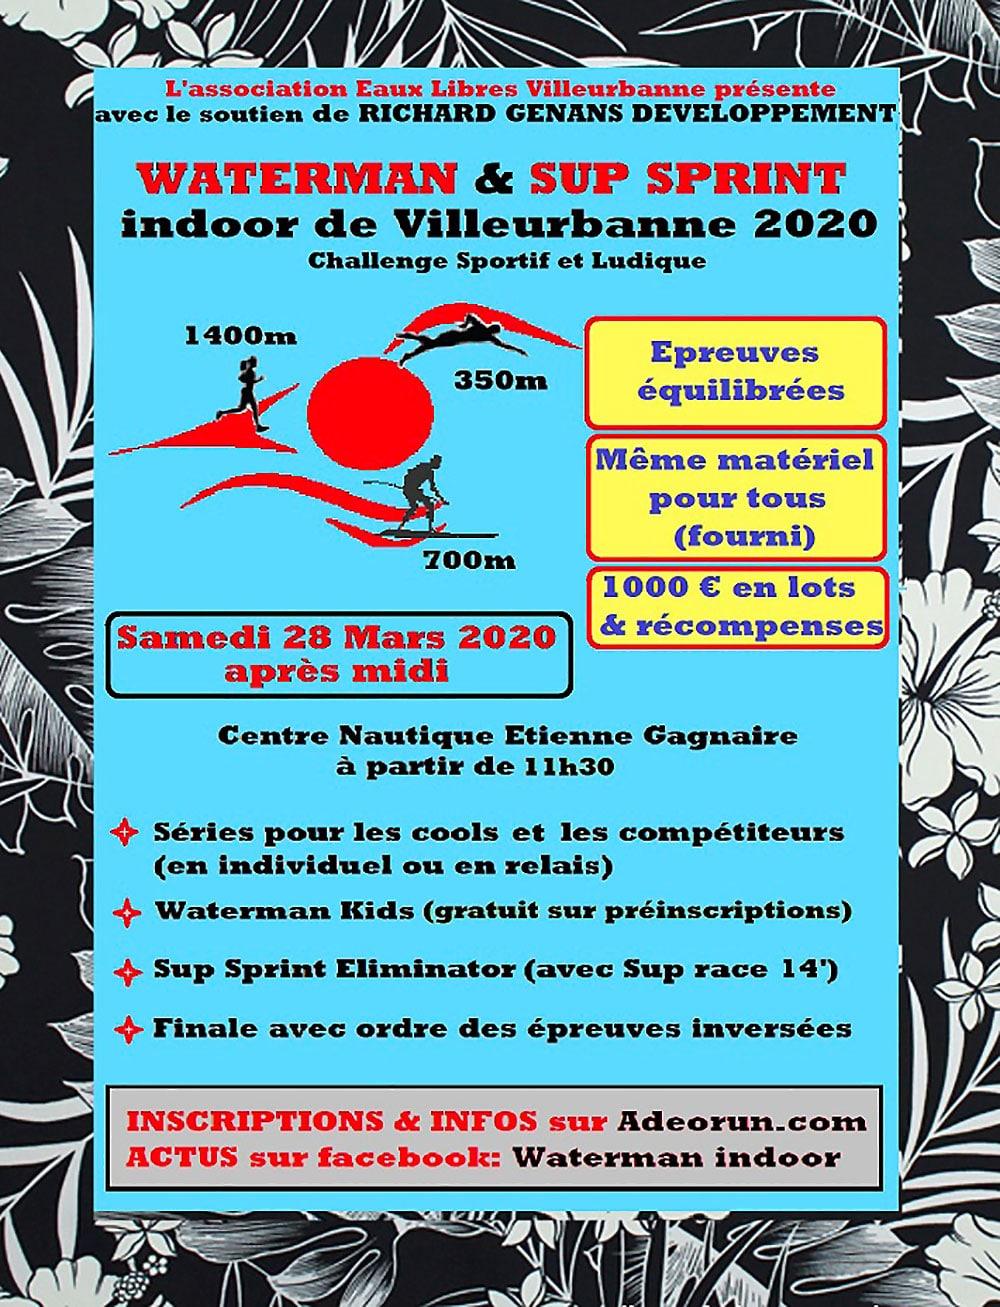 Waterman & Sup Indoor 2020